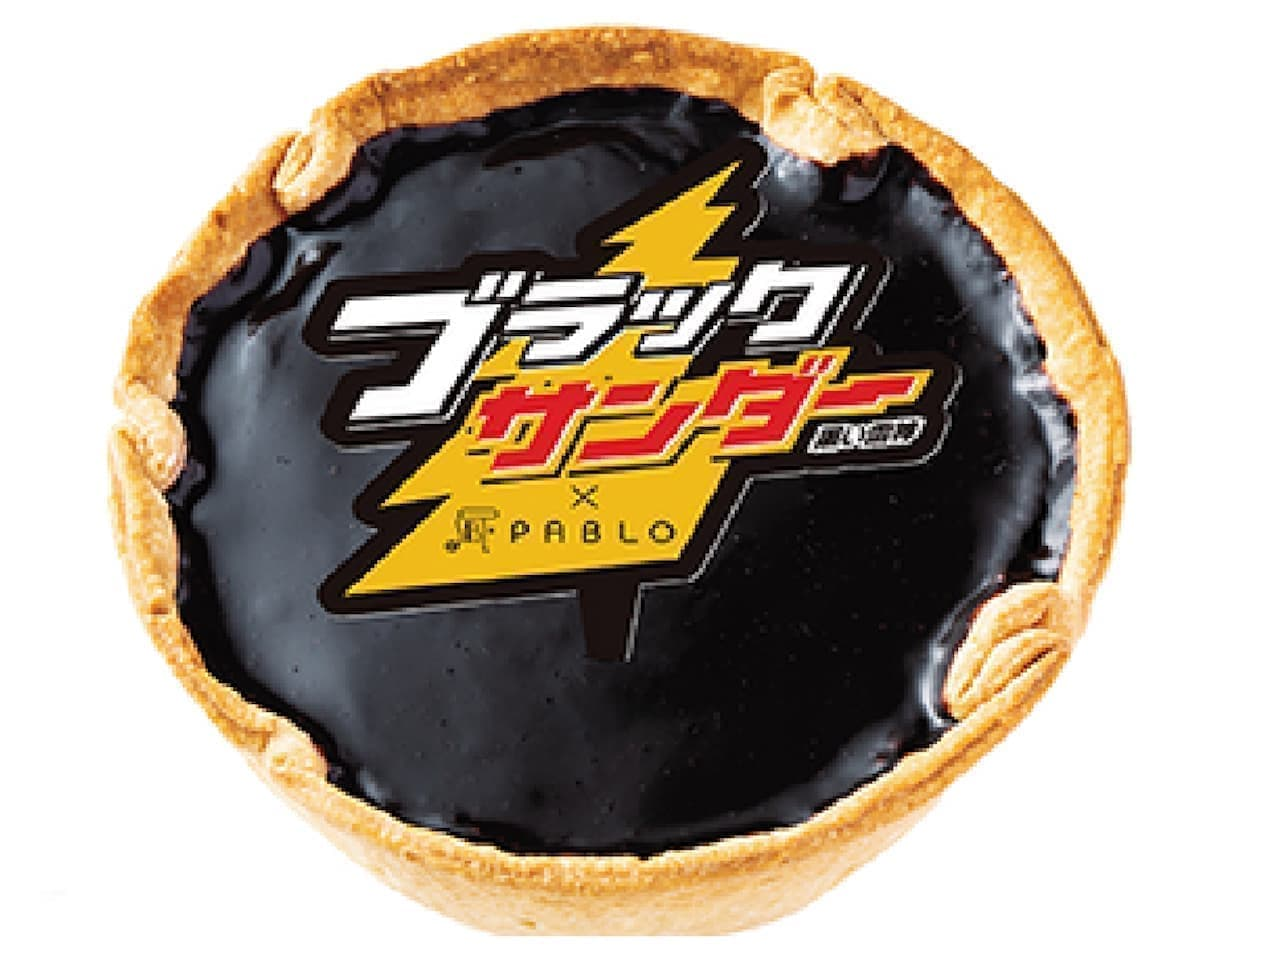 コラボ「パブロ×ブラックサンダー黒い雷神 チーズタルト 小さいサイズ」